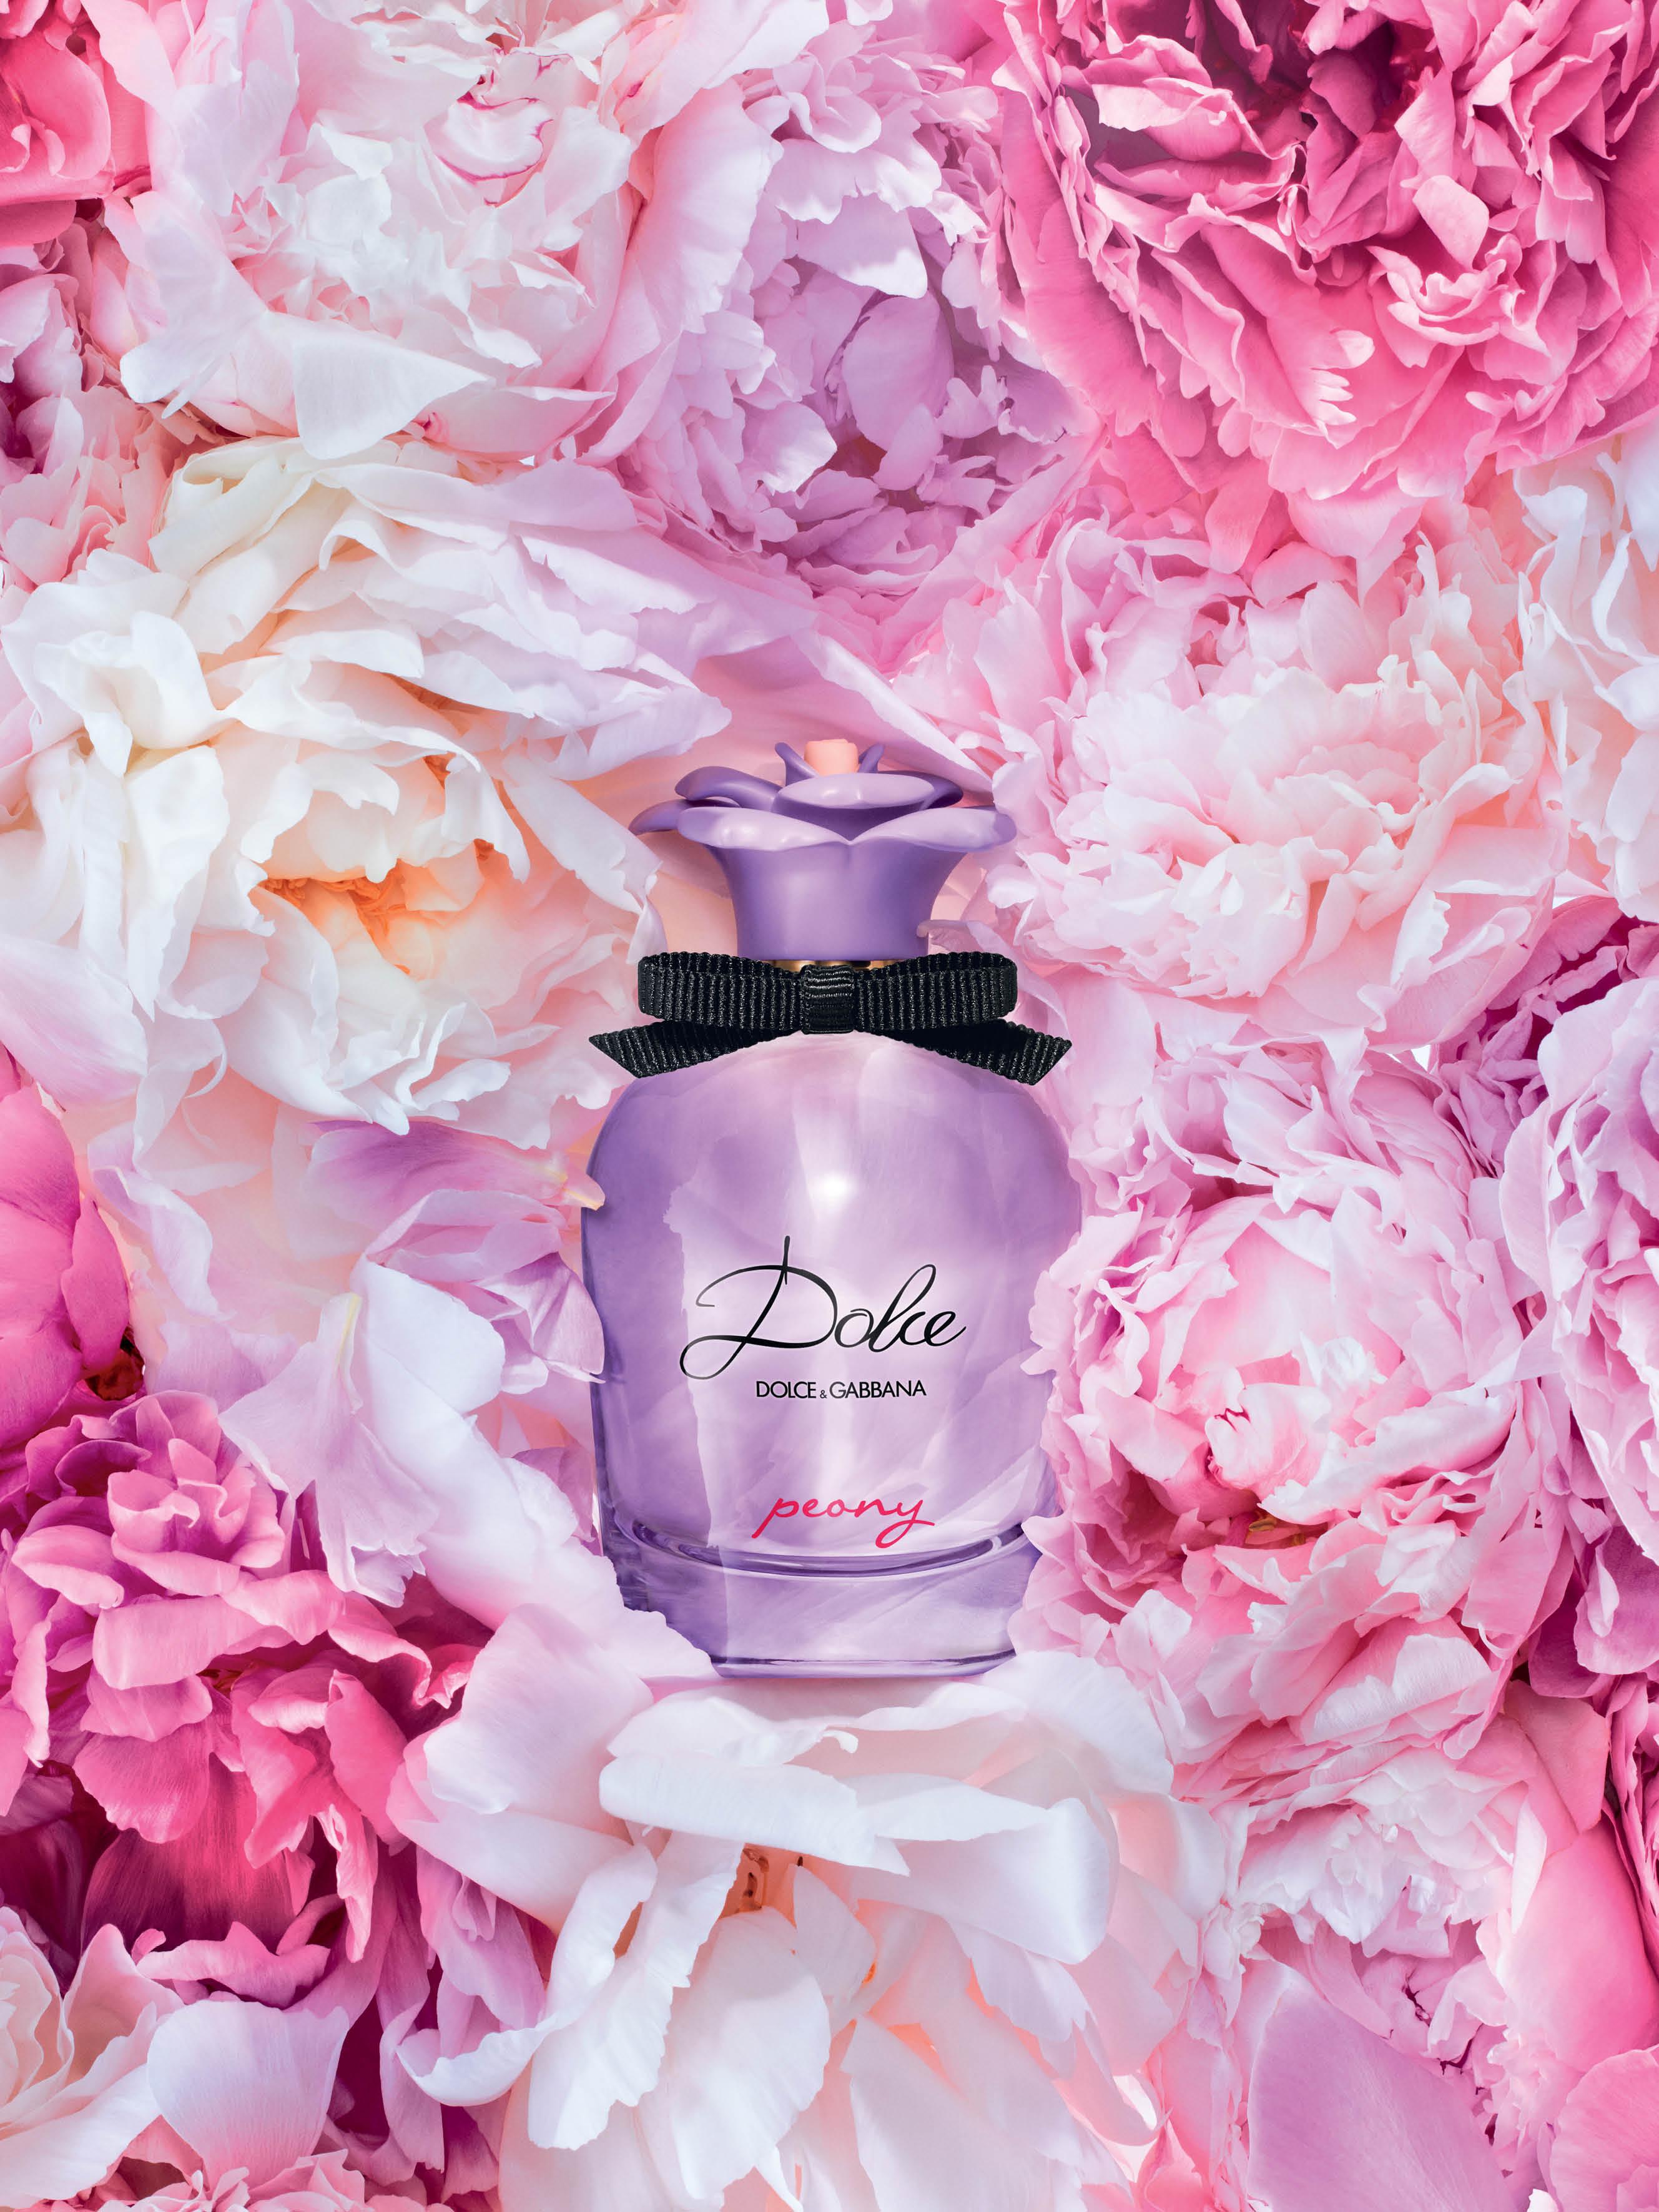 Dolce & Gabbana giới thiệu dòng nước hoa Dolce Peony 3